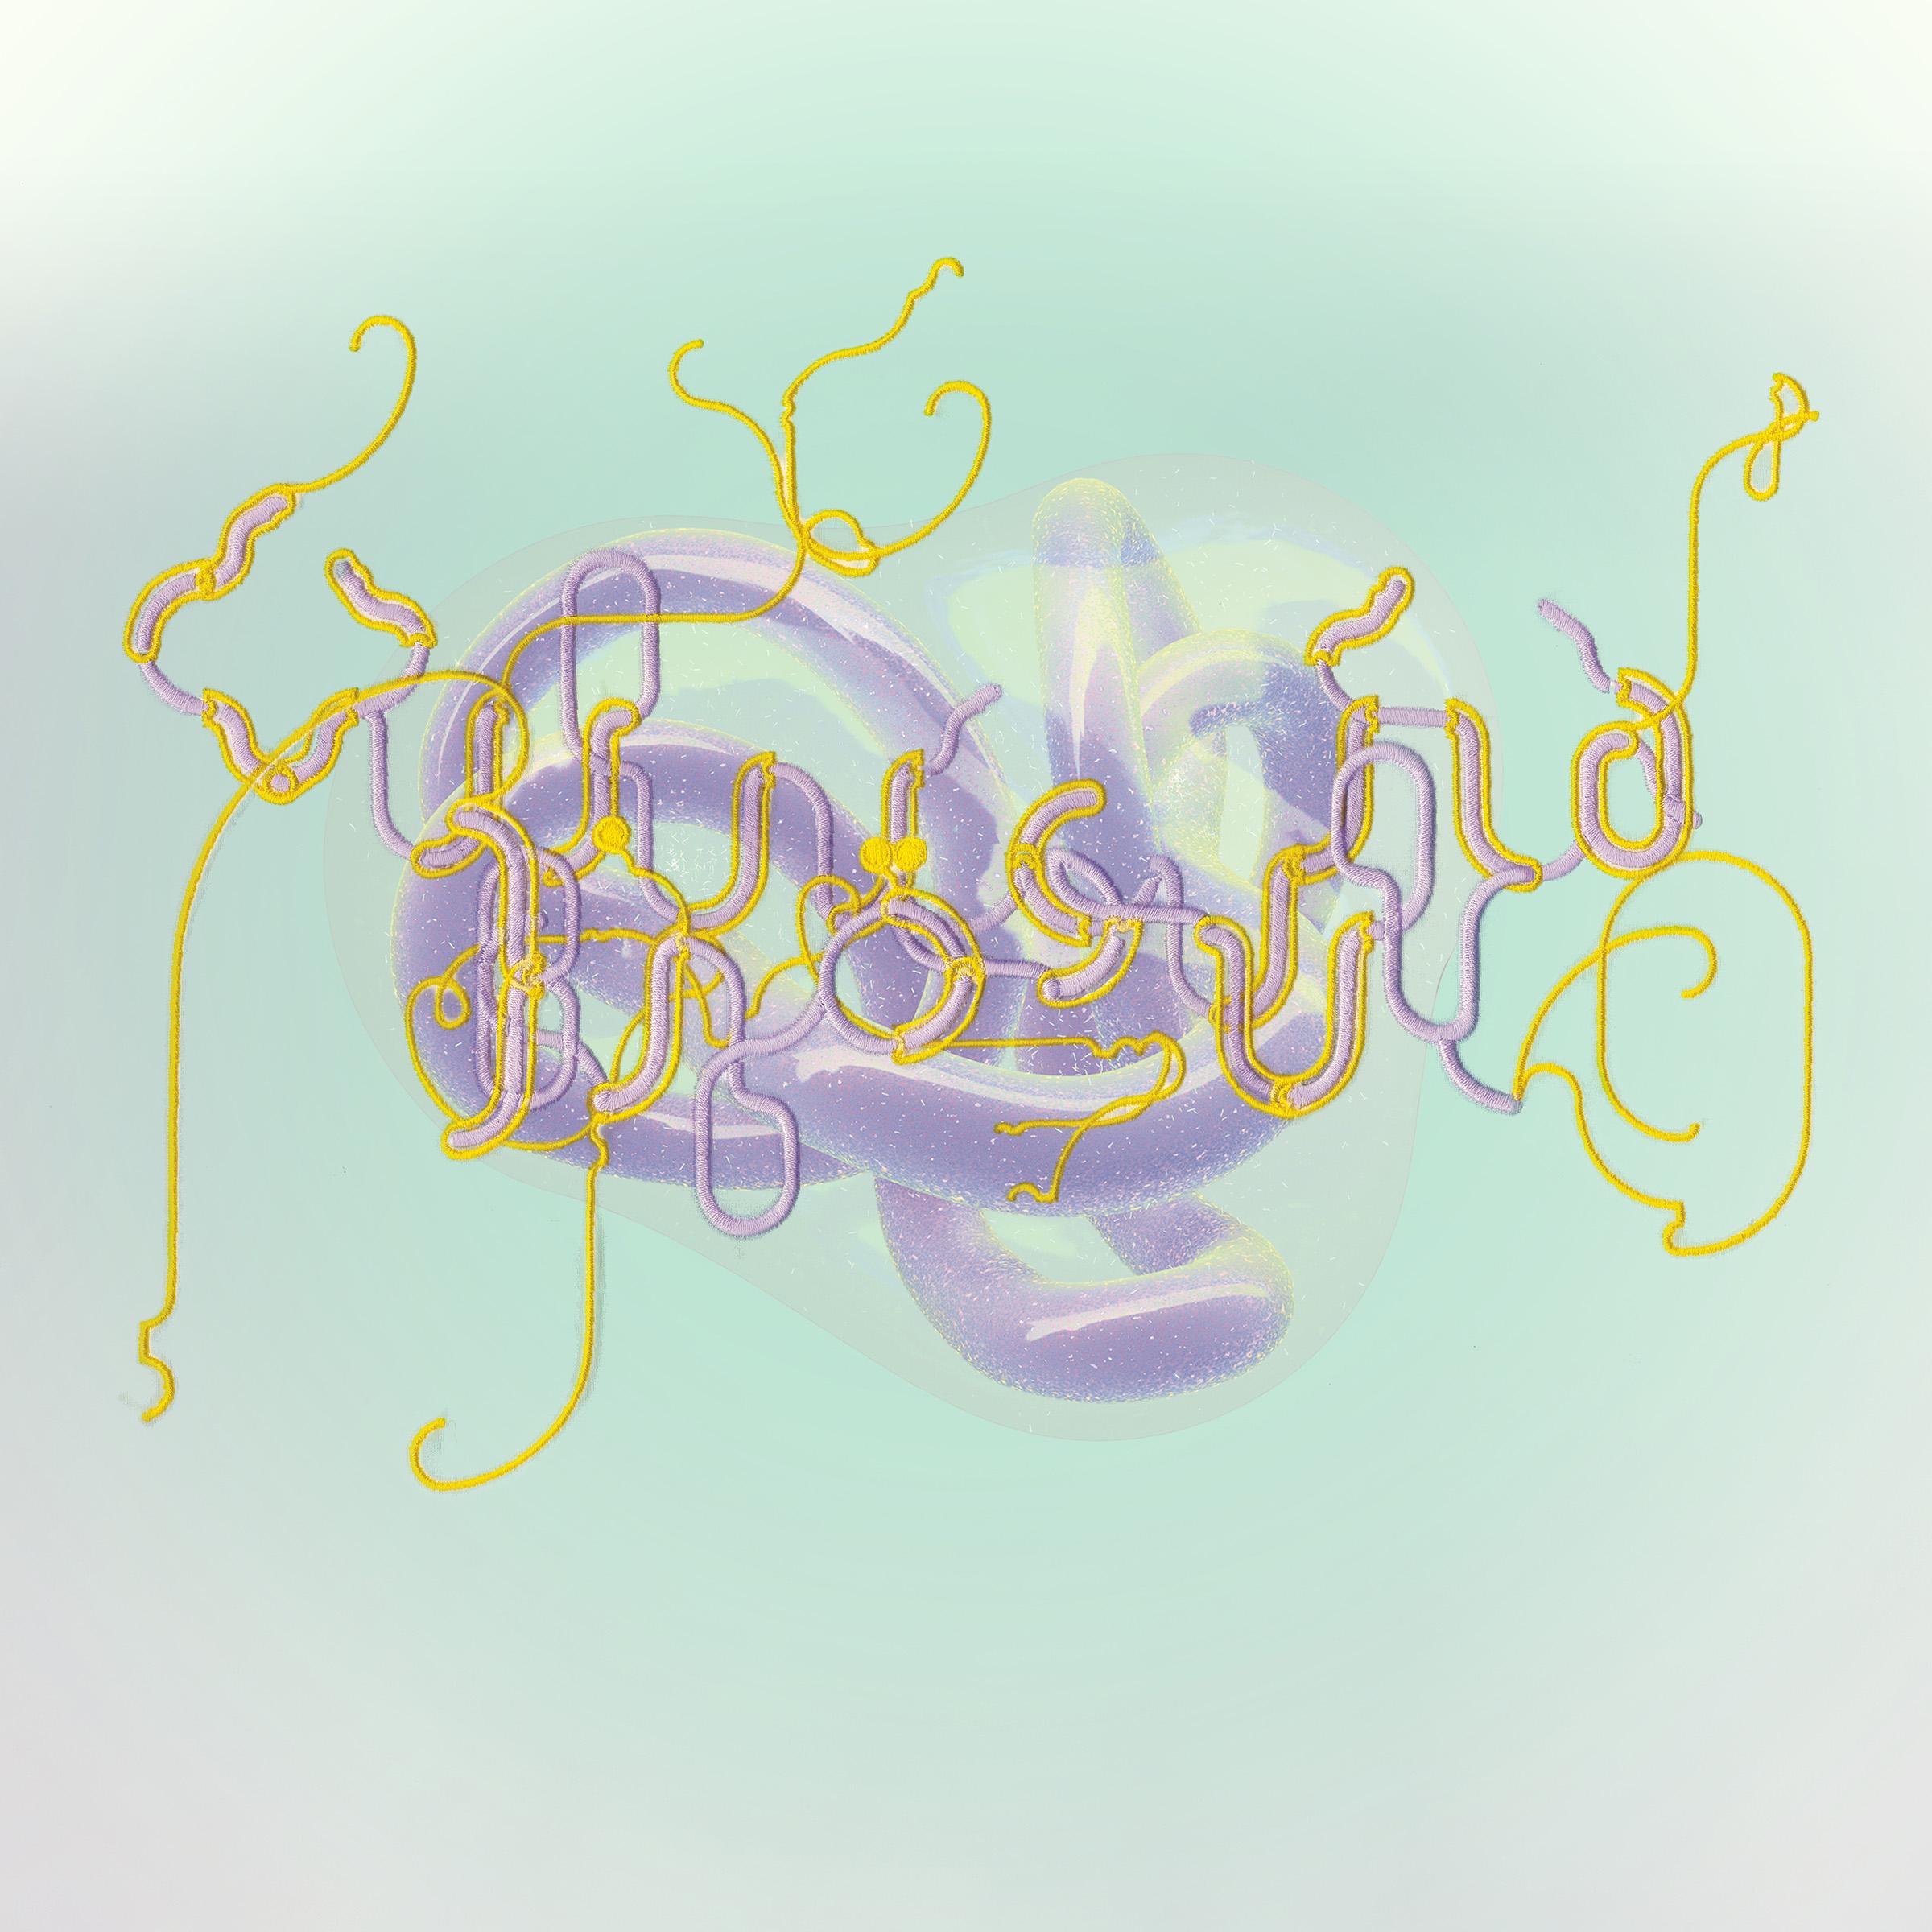 artworks-000119686399-1nxgsm-original.jp